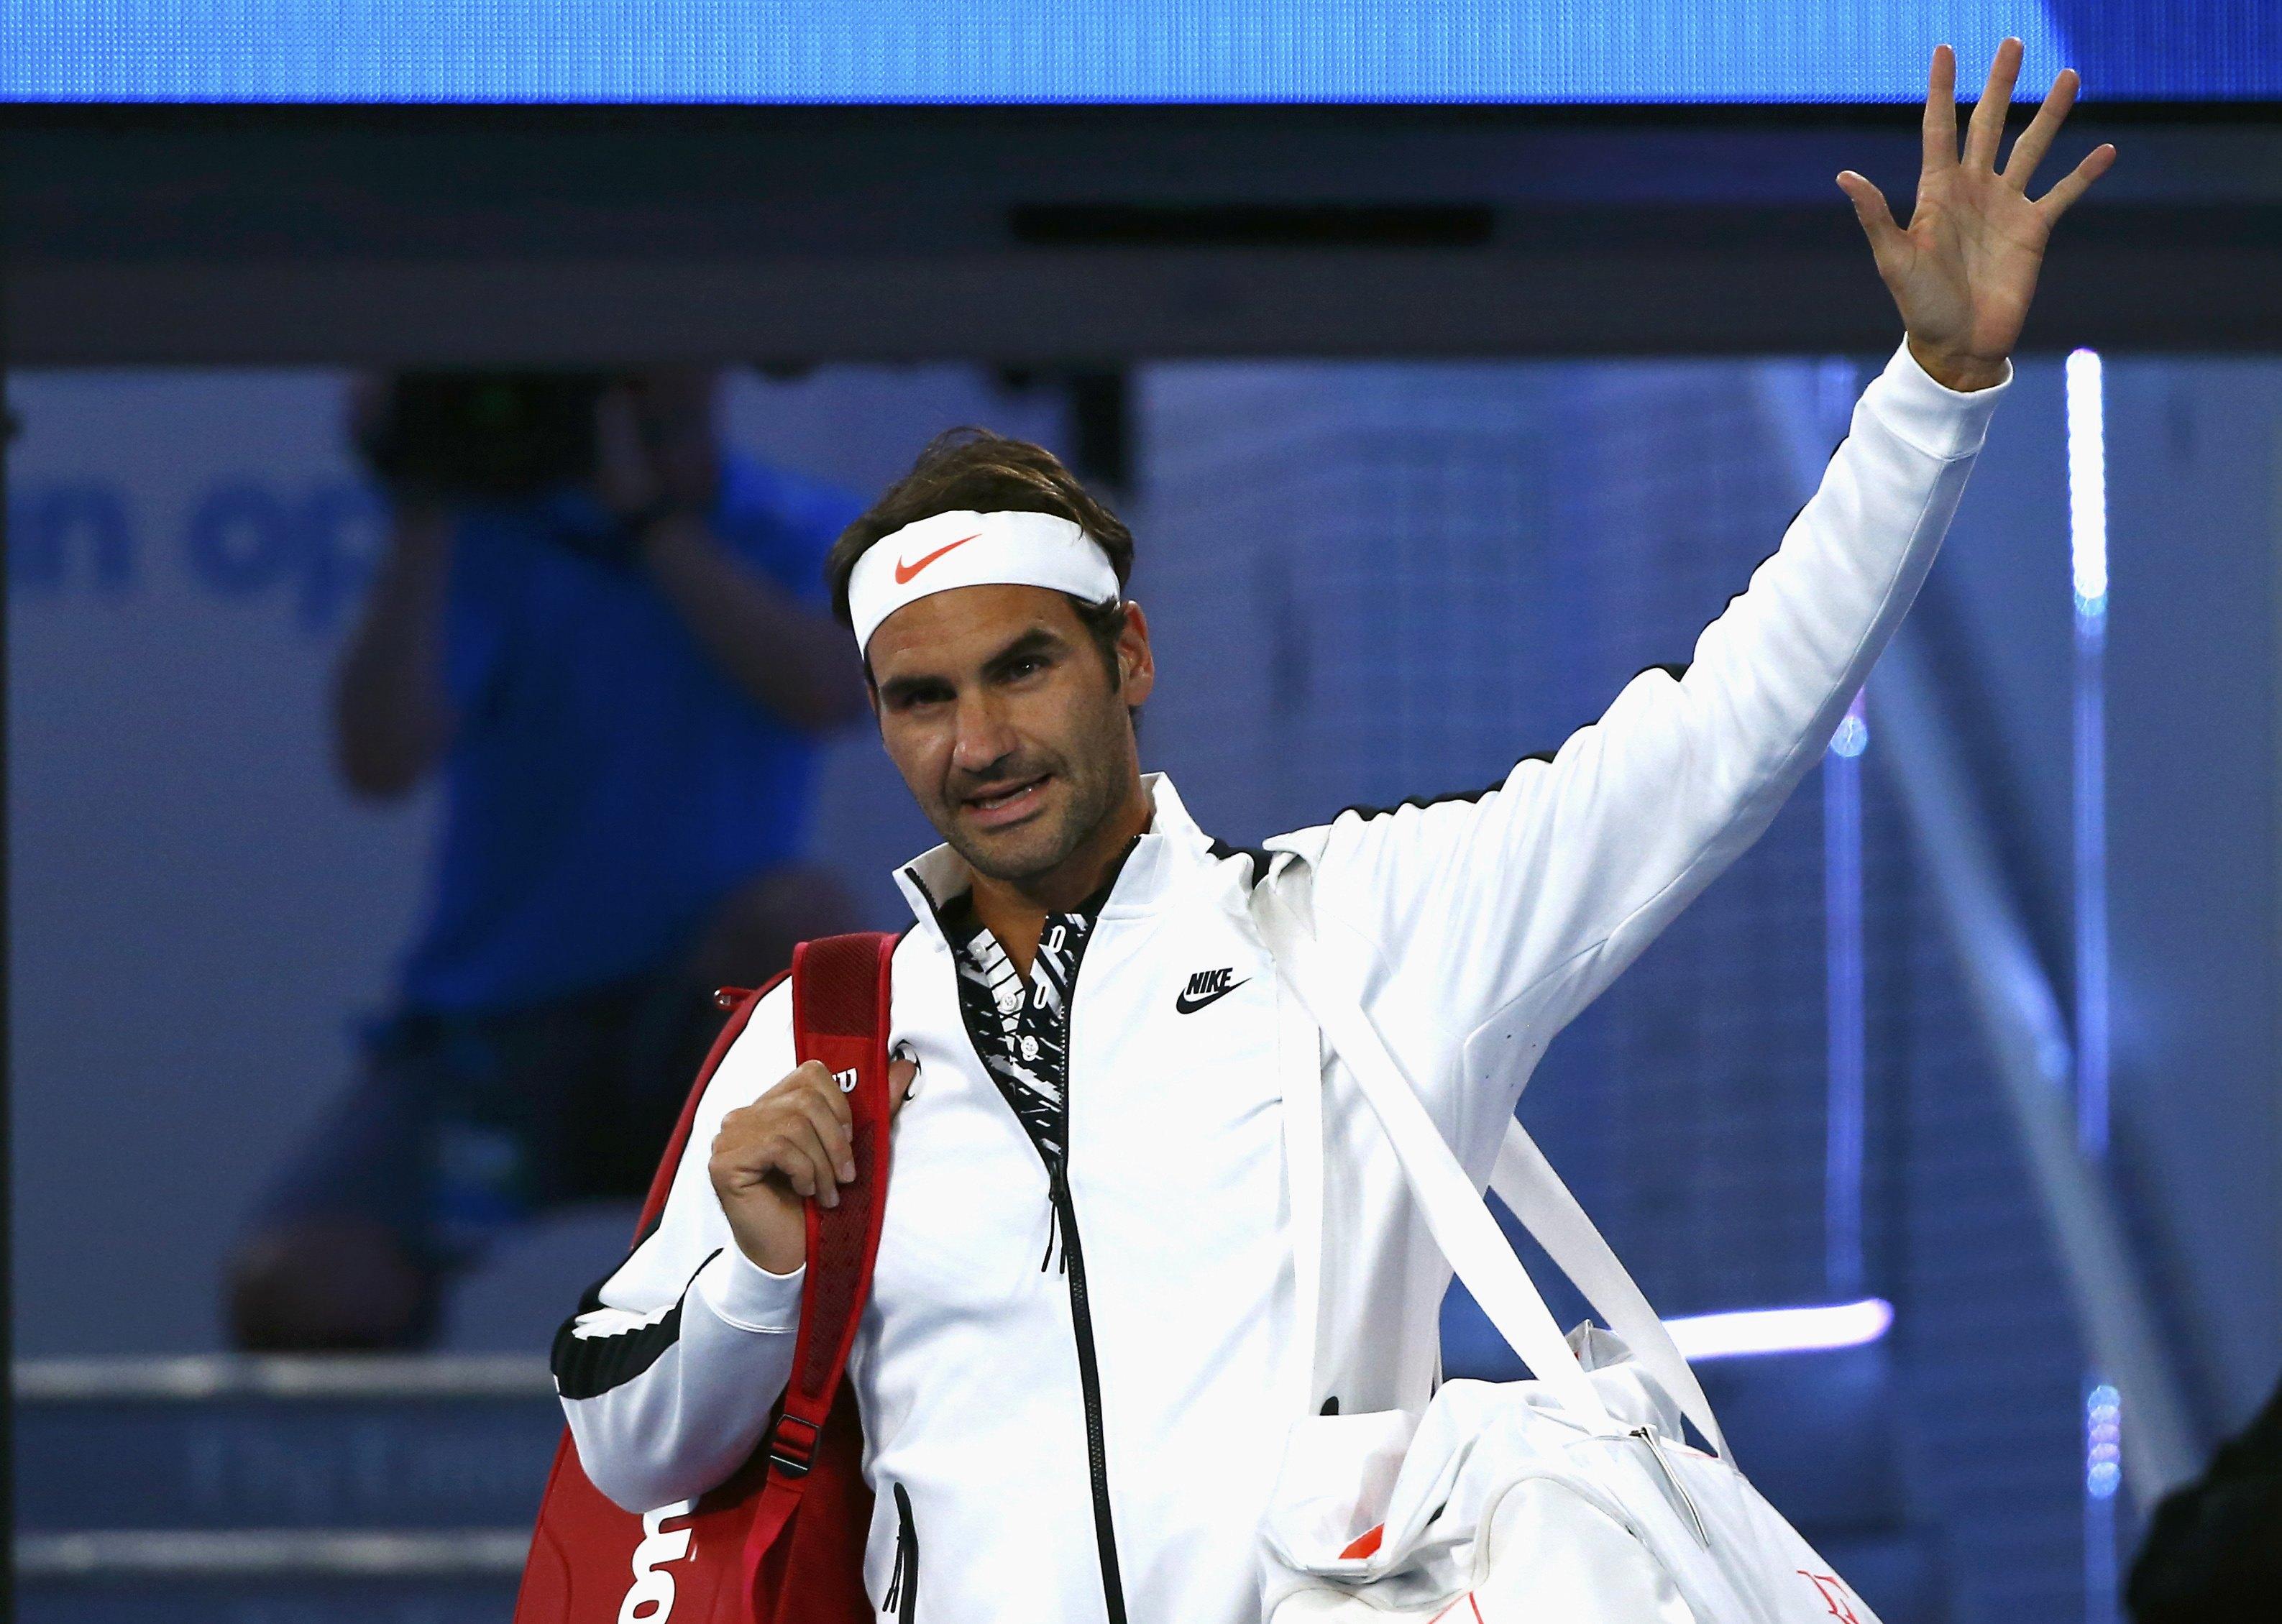 Tennis - Open Australie - Malgré un set lâché, Federer a rassuré pour son retour